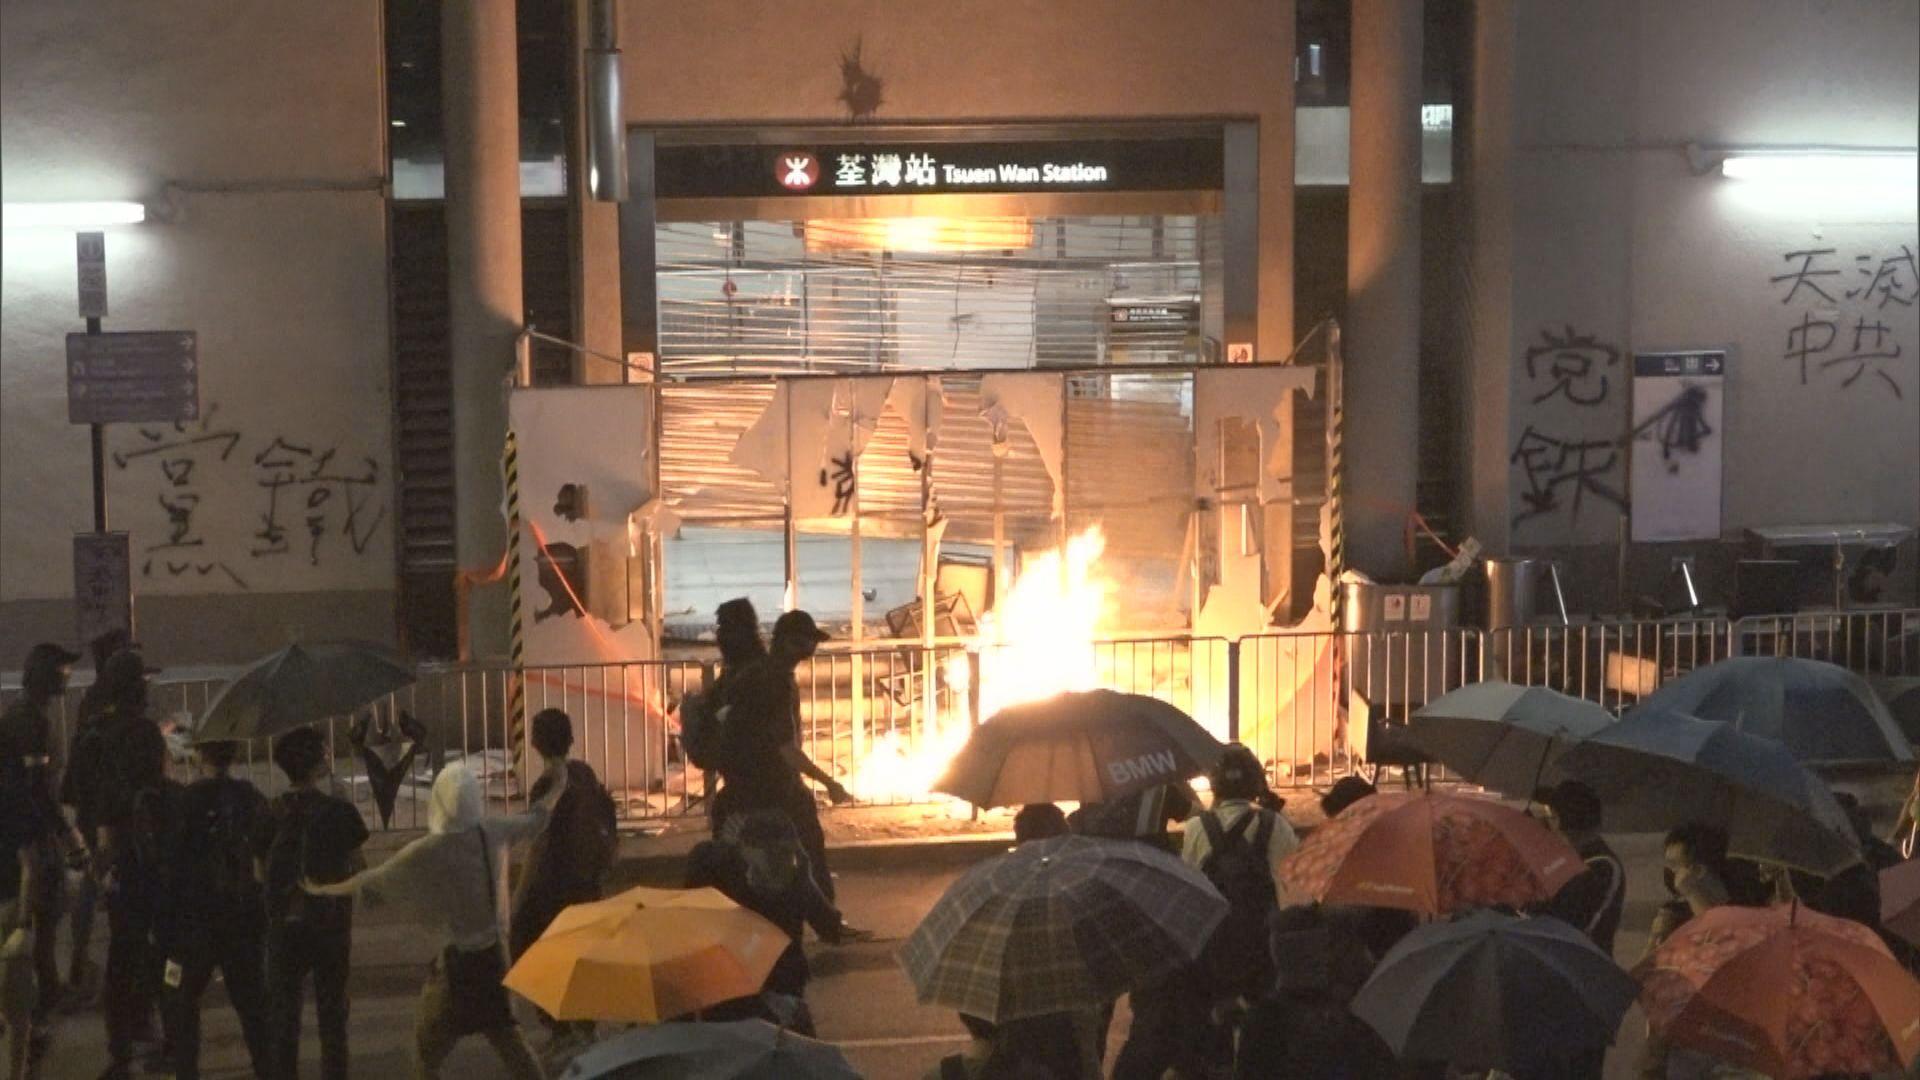 陳帆:市民不應透過破壞公共設施來發洩不滿